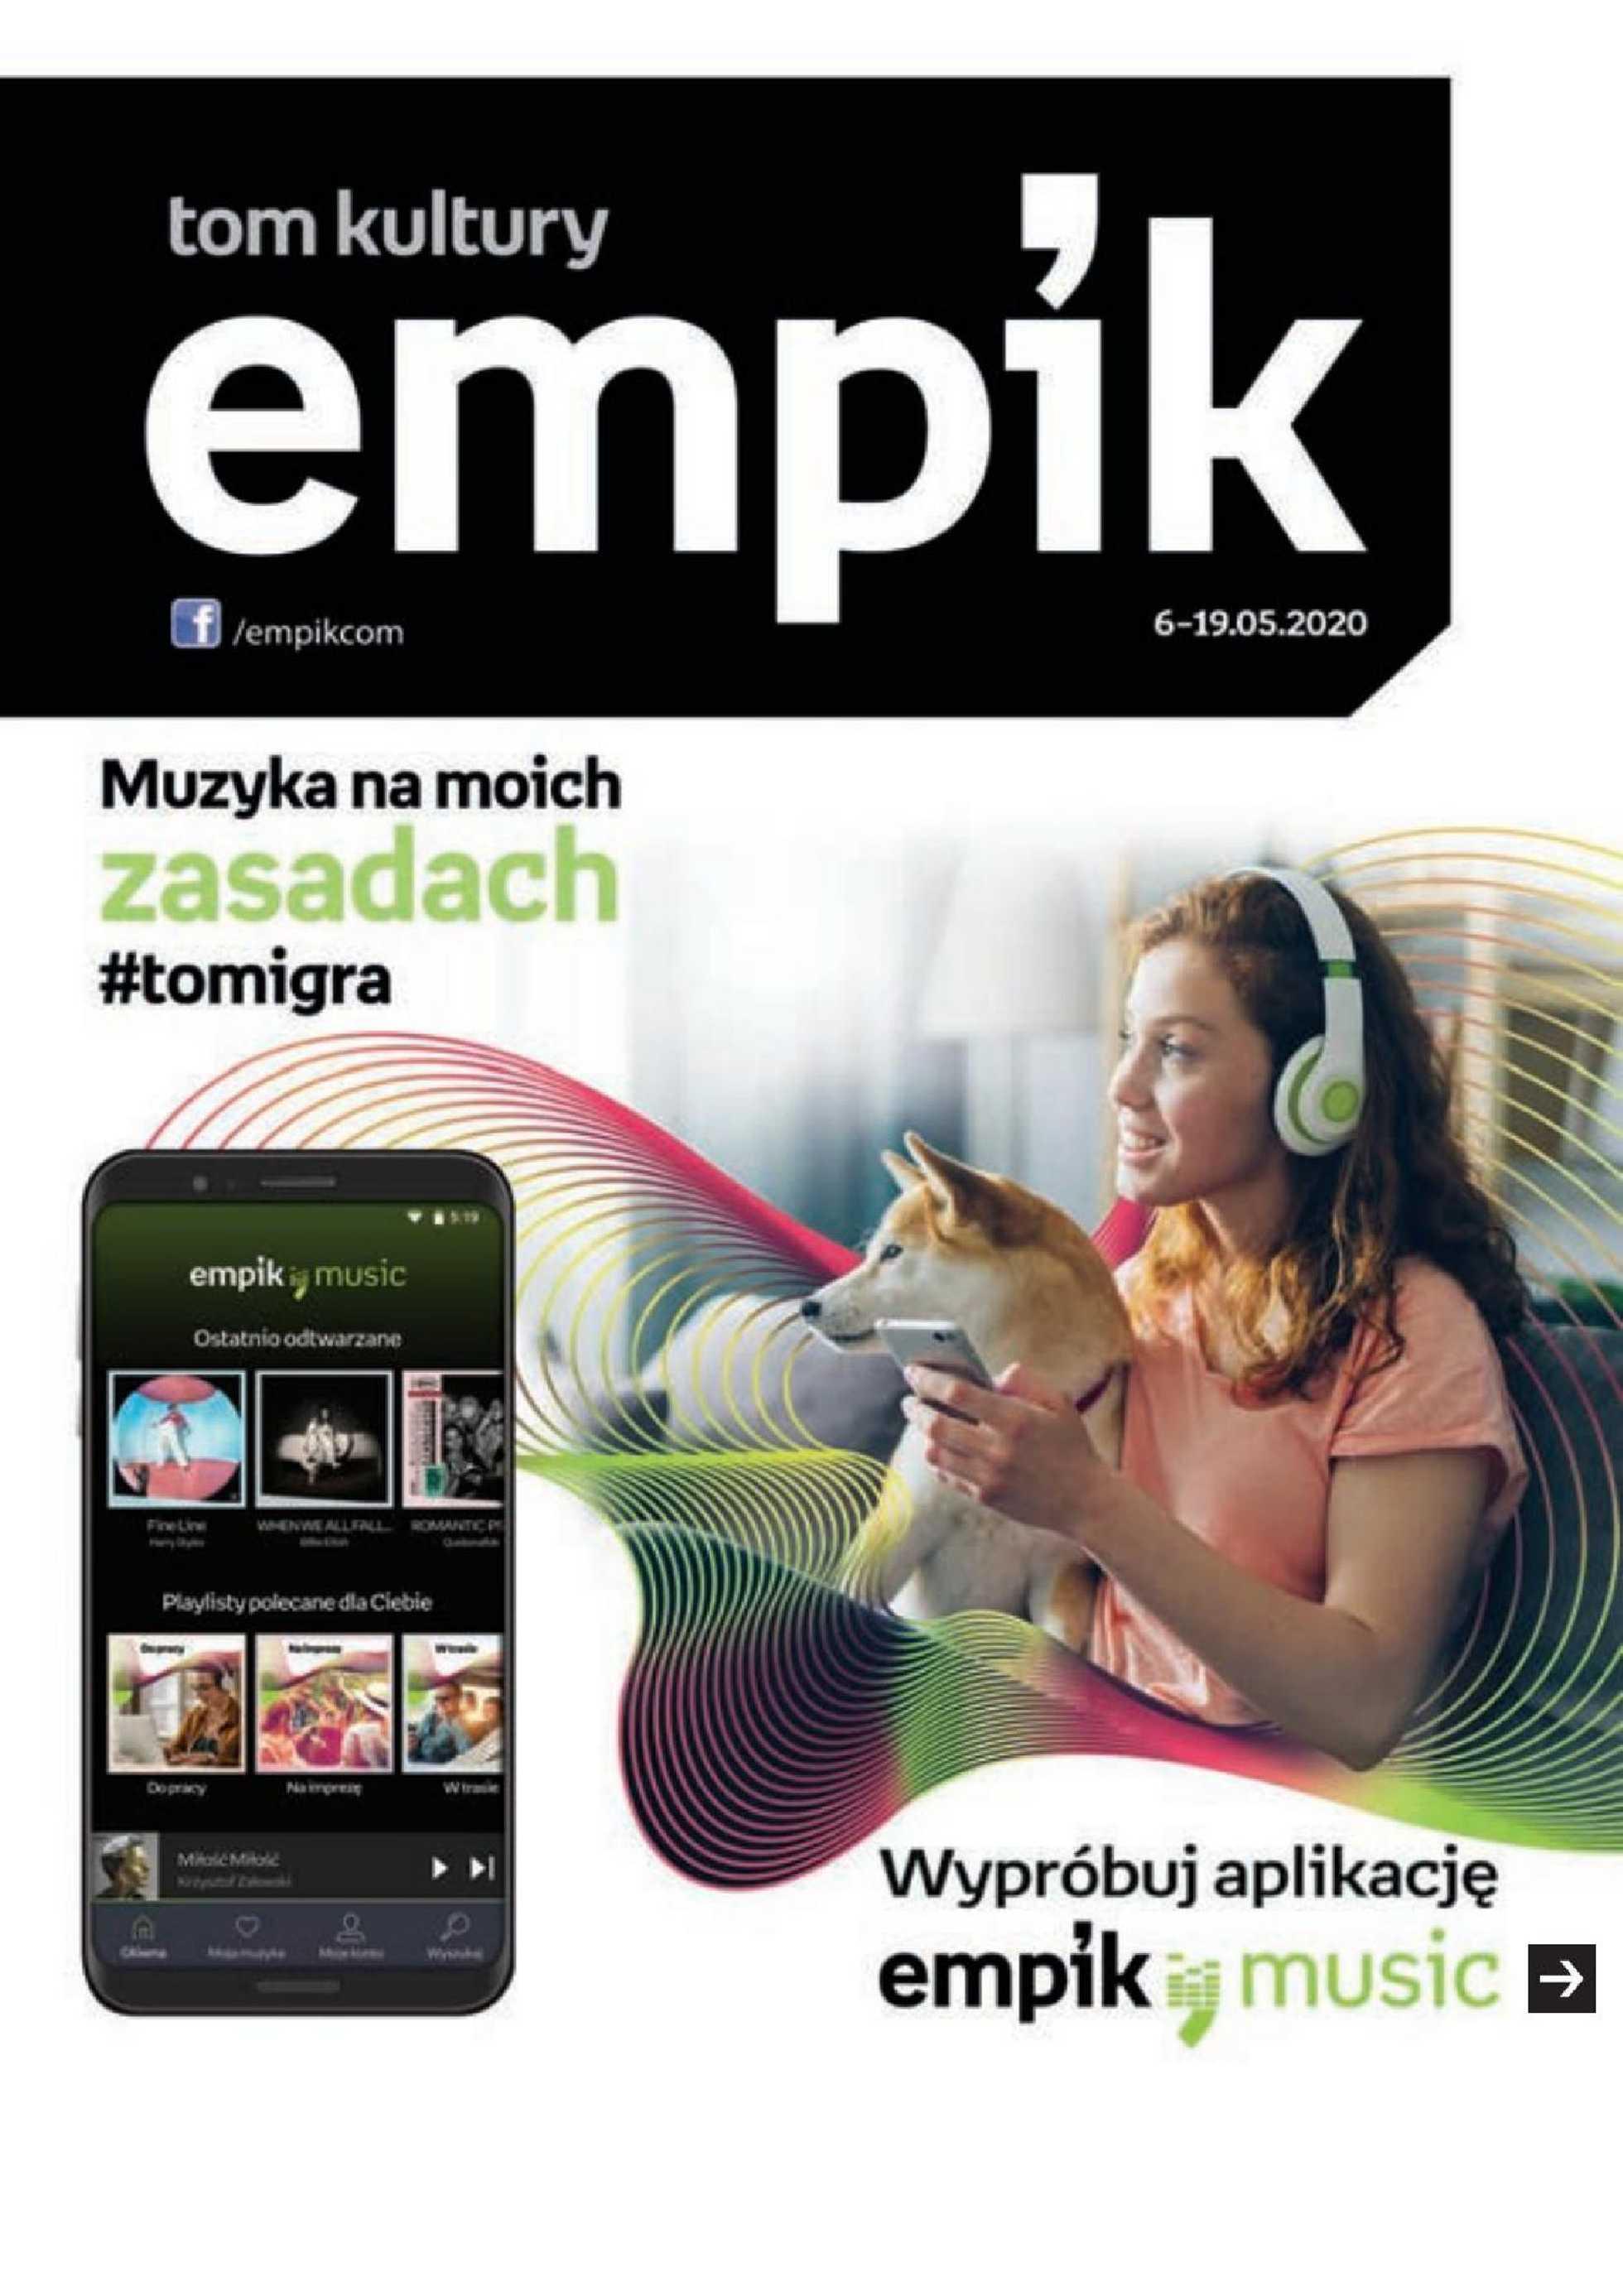 Empik - gazetka promocyjna ważna od 06.05.2020 do 19.05.2020 - strona 1.